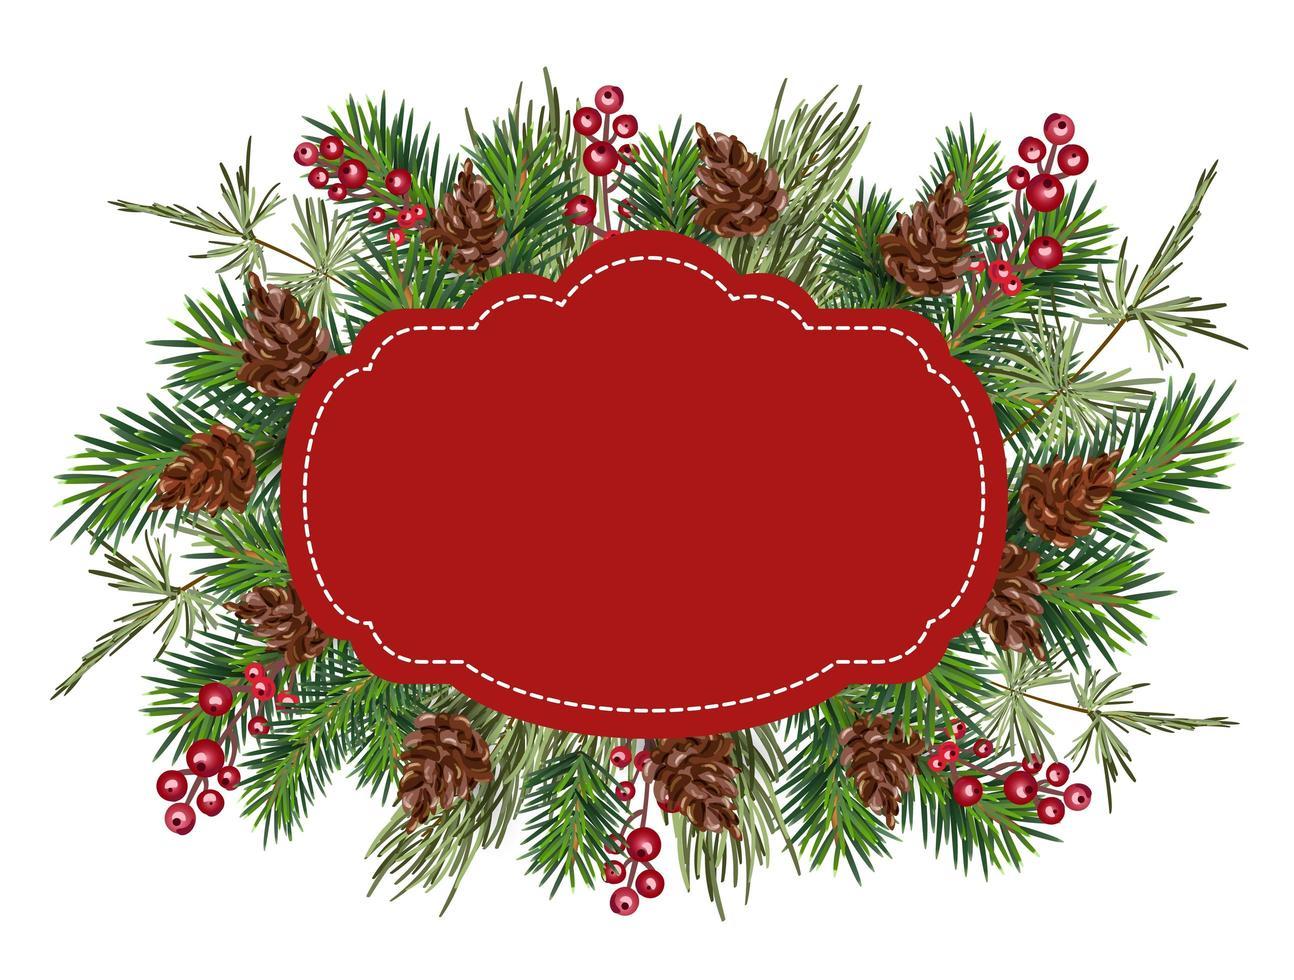 jul vektor gratulationskort ram med plats för din text. realistiska snygga trädgrenar dekorerade med bär och kottar